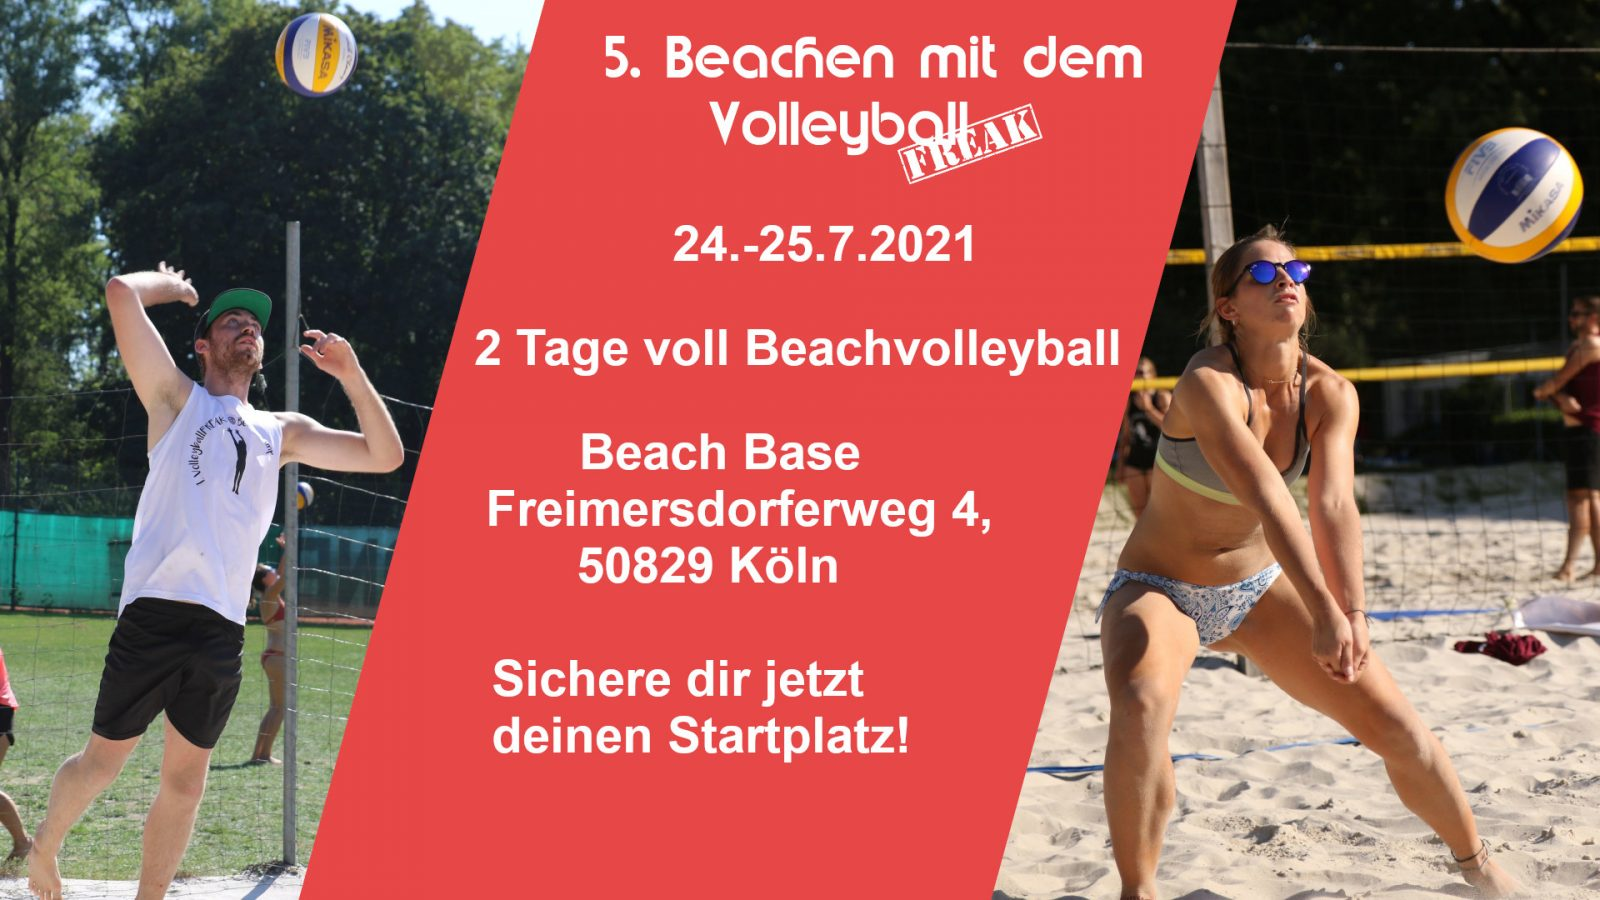 Beachen mit dem Volleyballfreak 2021